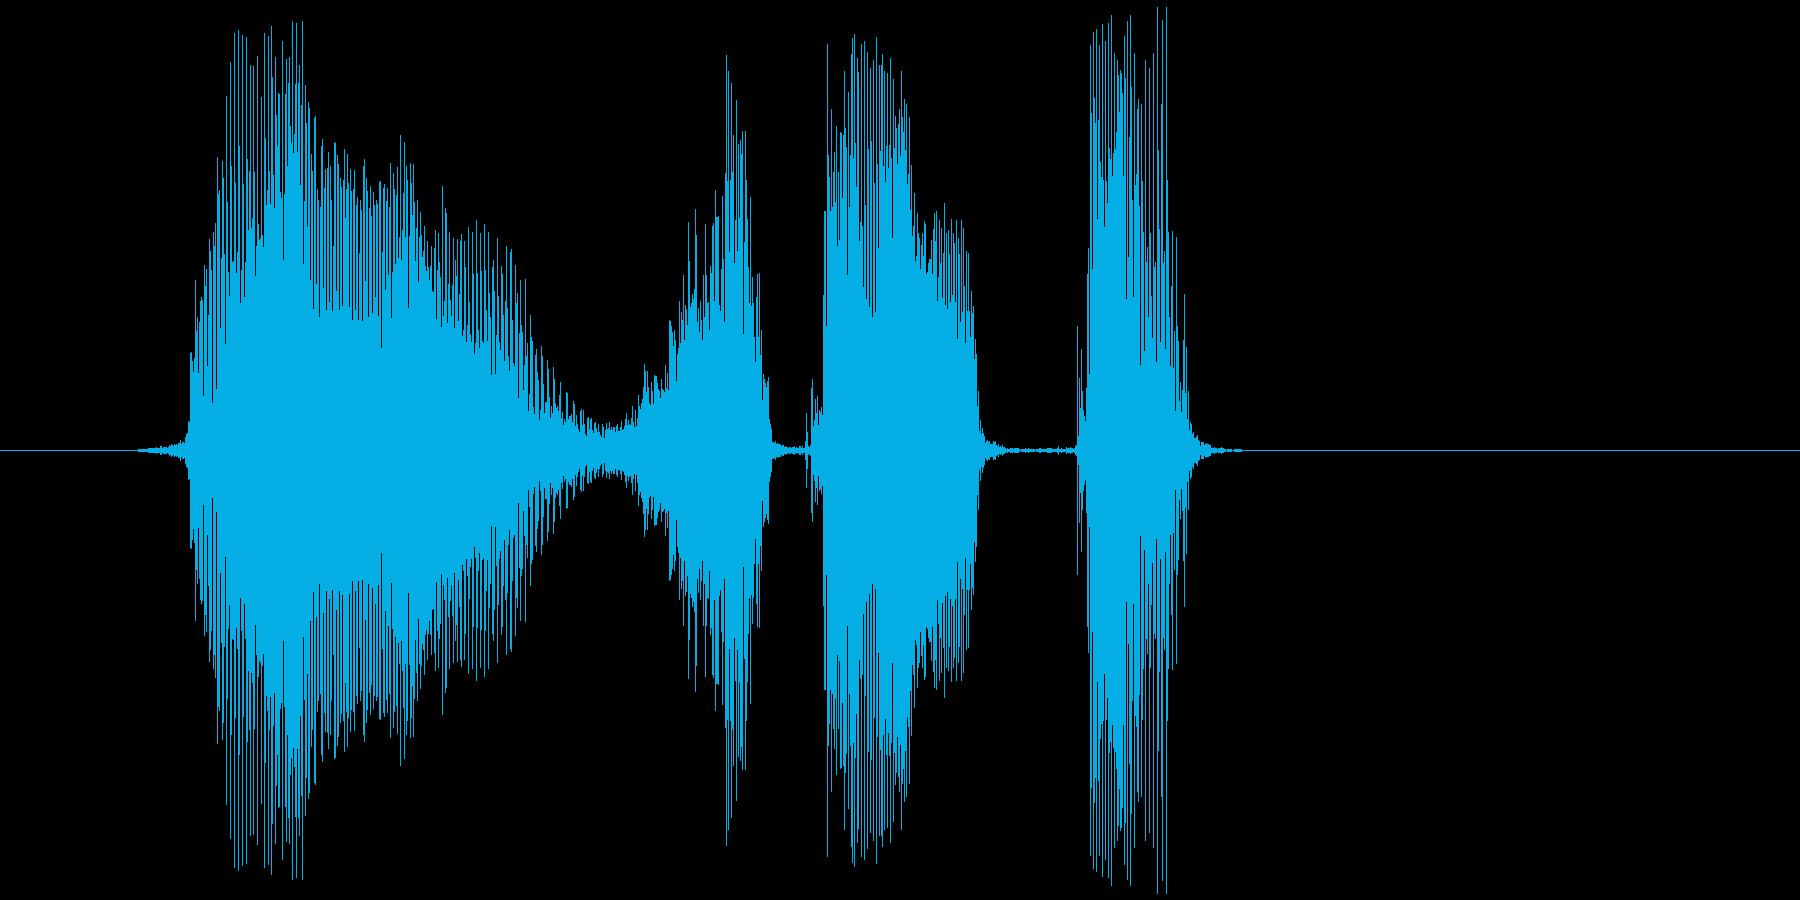 「よーい スタート」の再生済みの波形